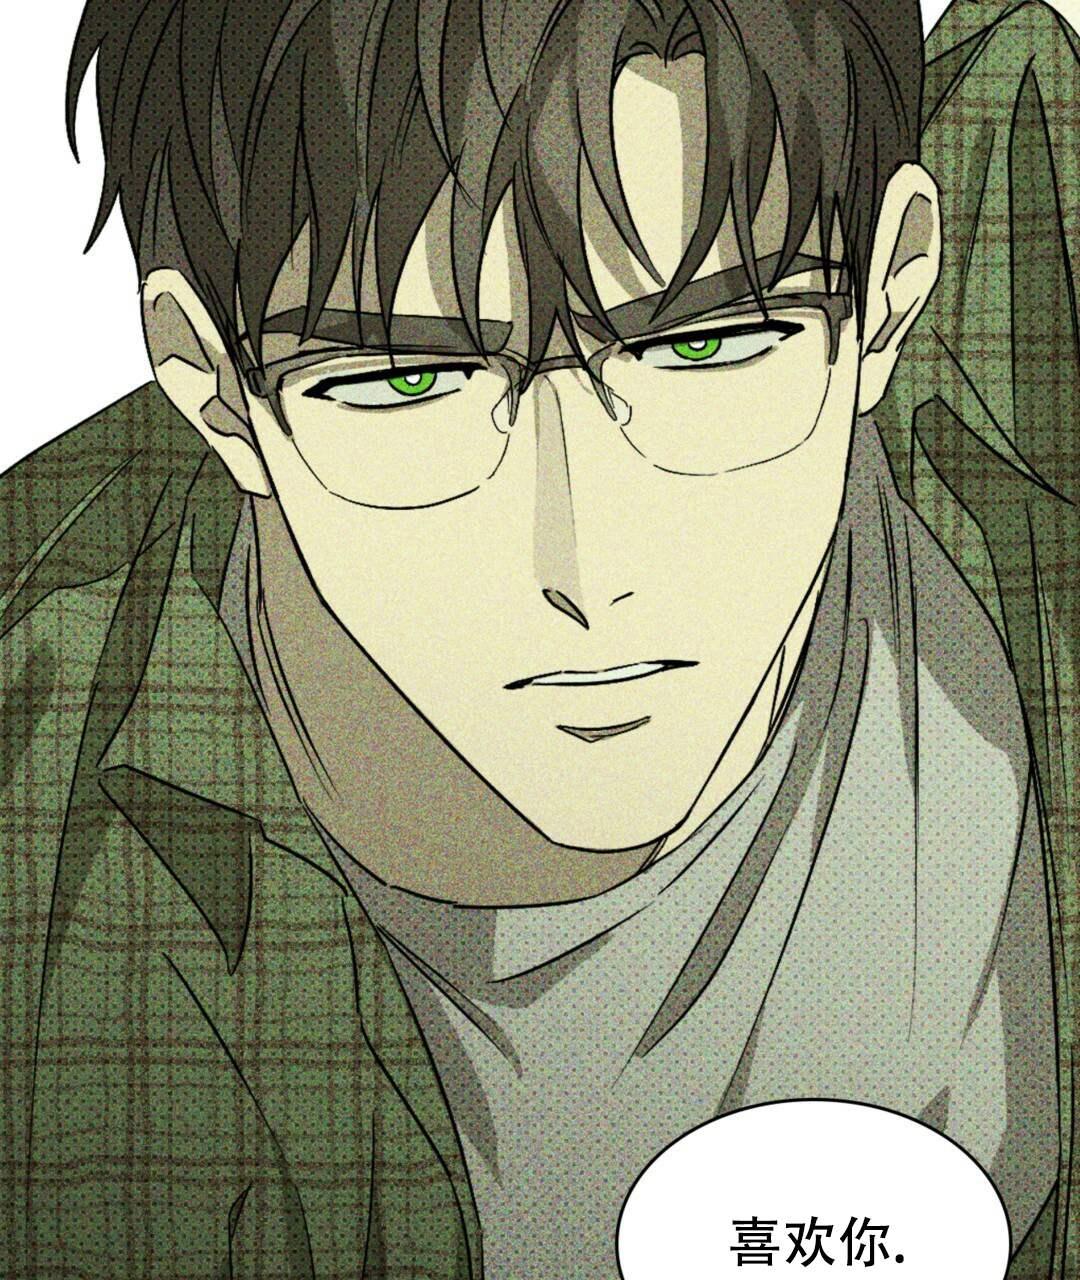 韩漫  《绿色镌像》这男人竟该死的甜美~纯情男大学生x黑帮大佬  第8张